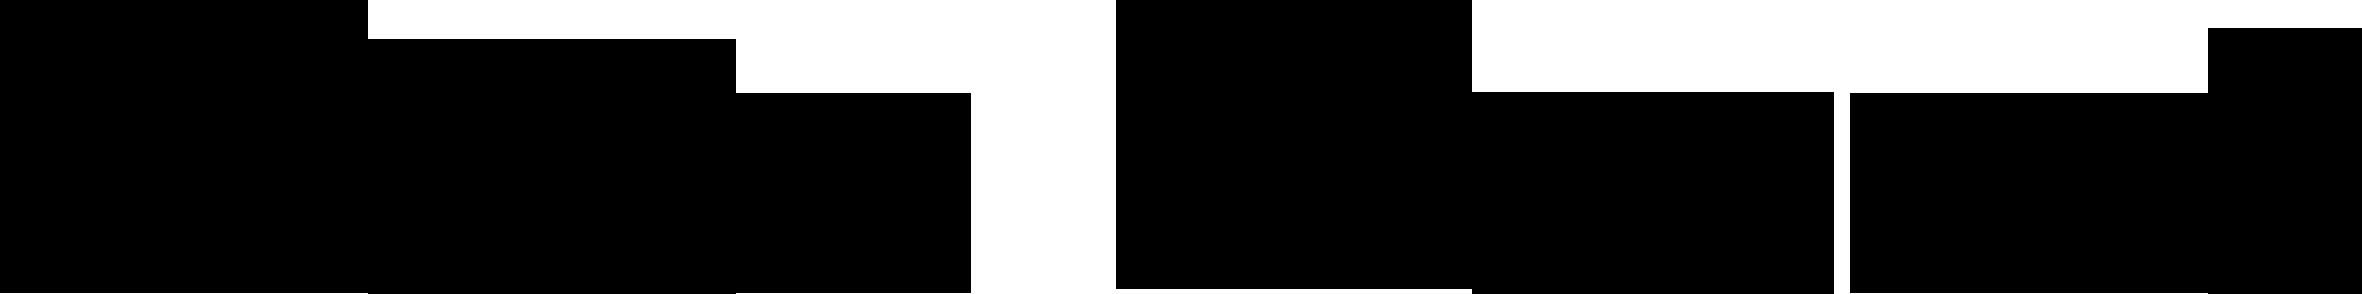 logo-9-1.png